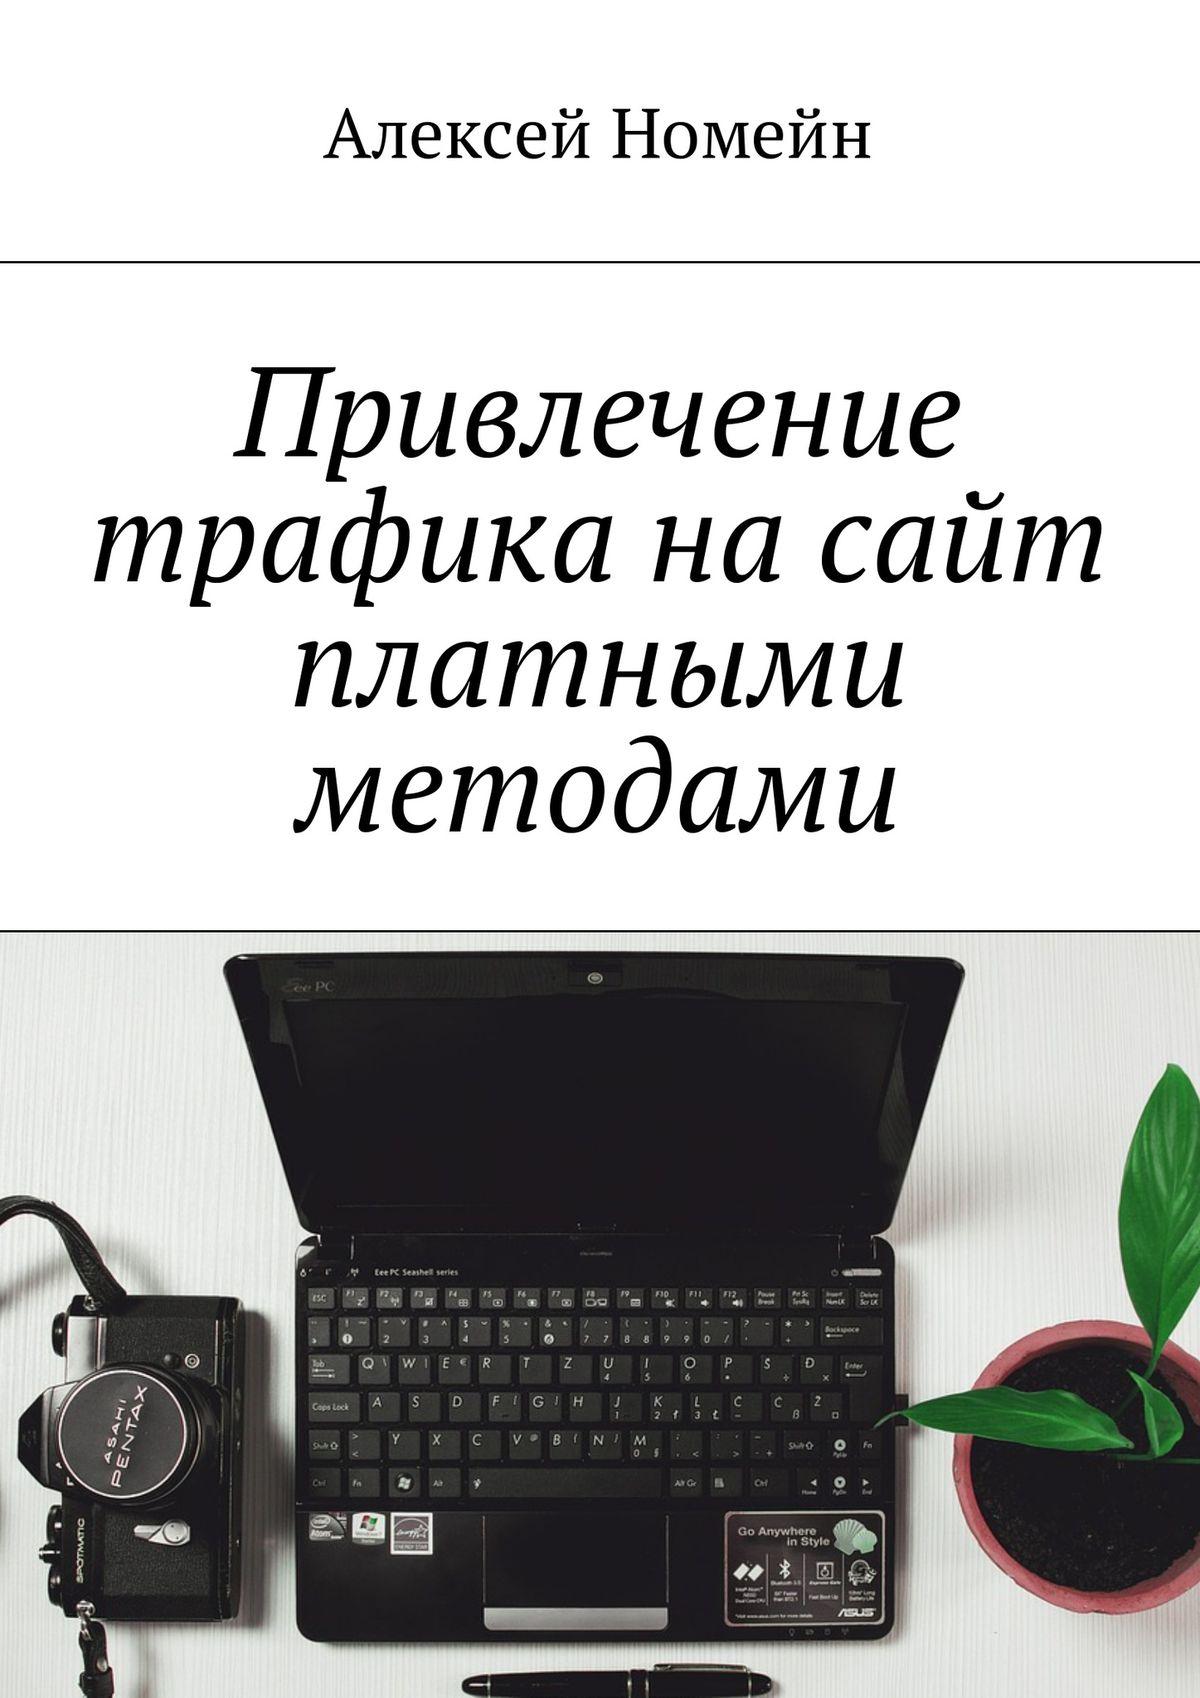 Алексей Номейн Привлечение трафика насайт платными методами алексей номейн привлечение трафика на